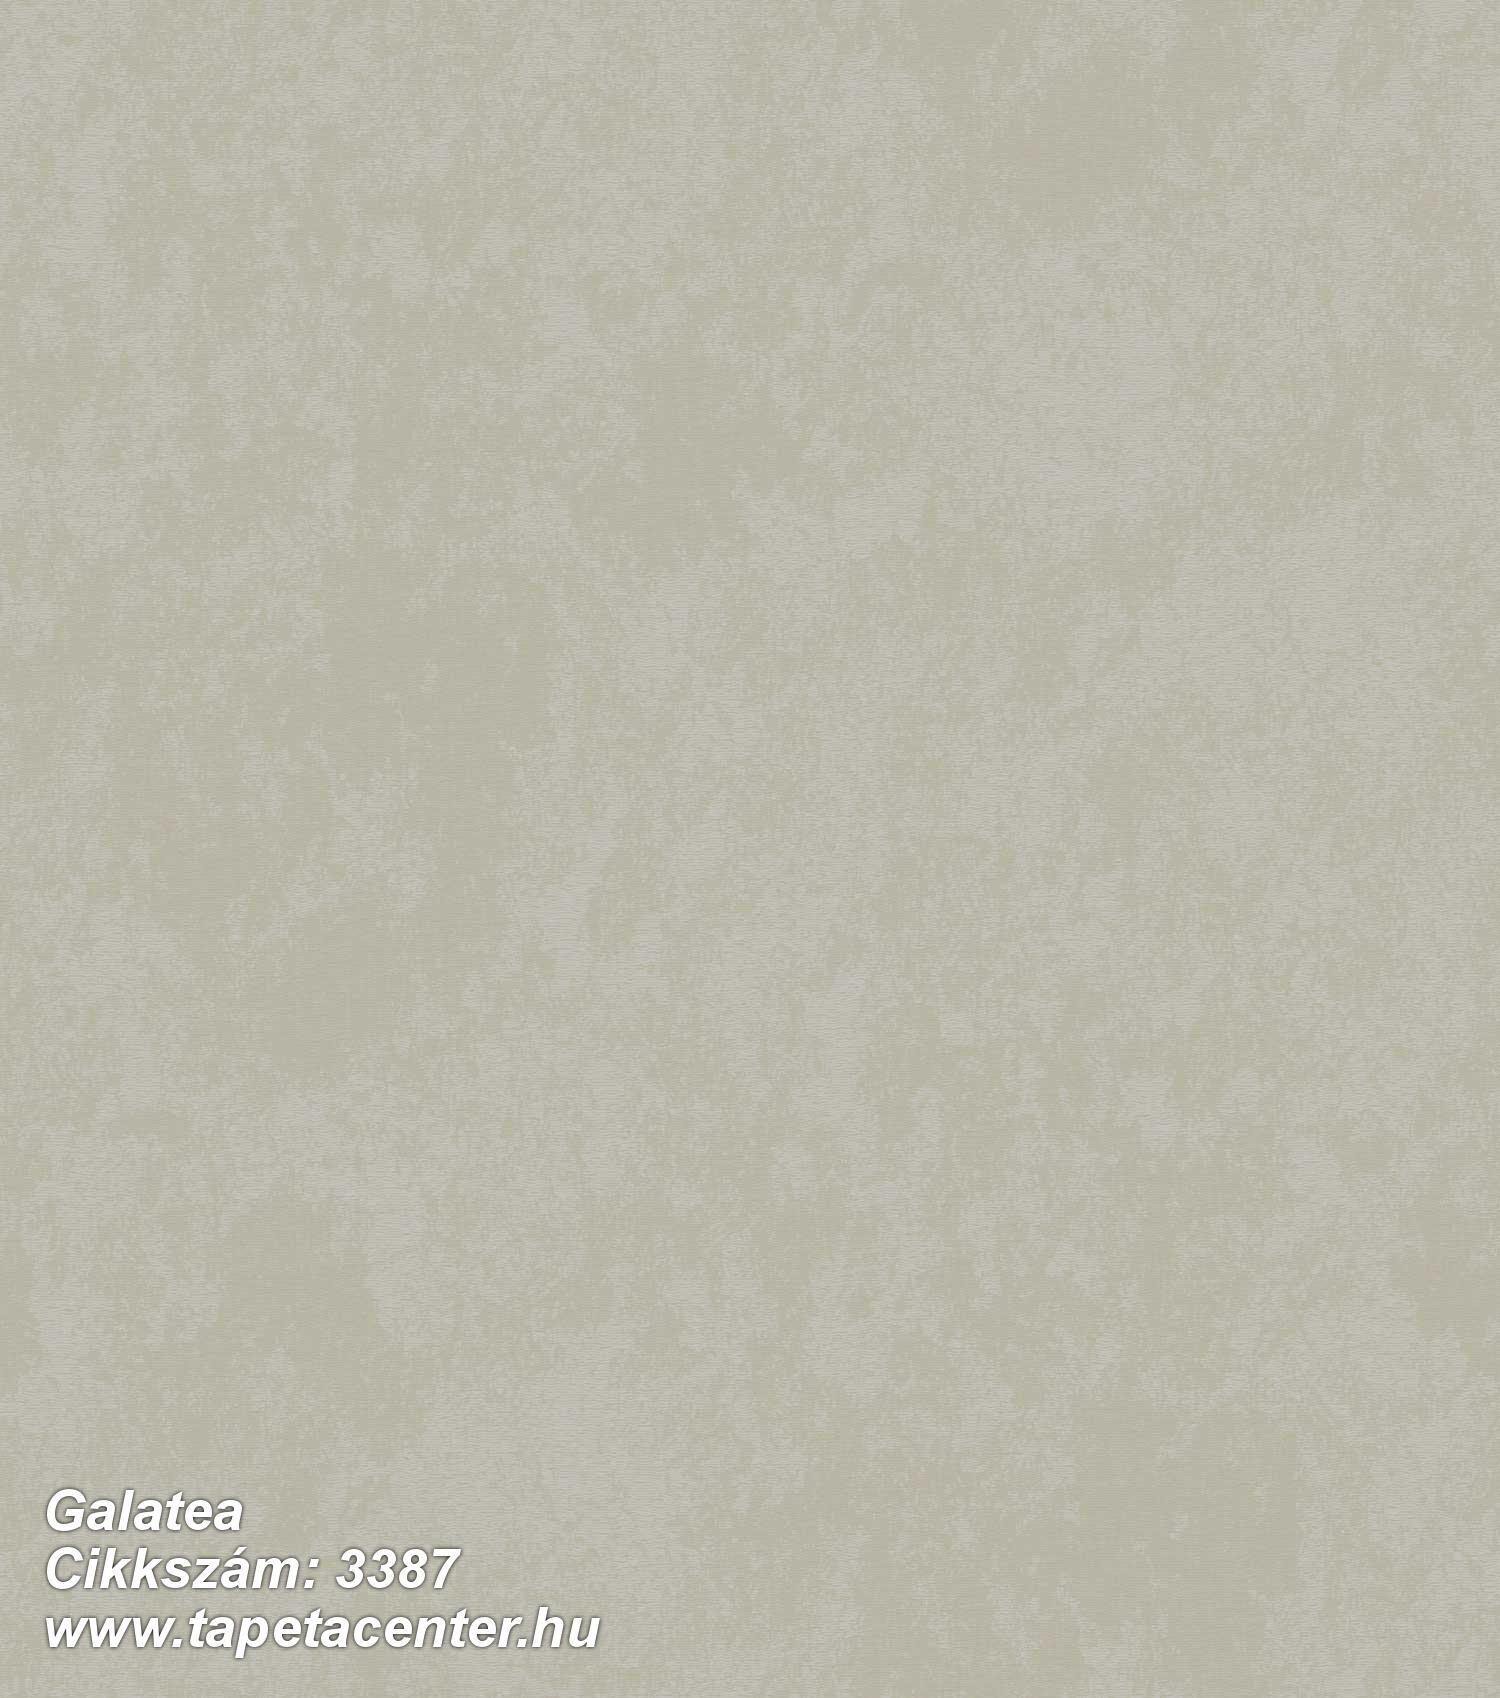 Galatea - 3387 Olasz tapéta